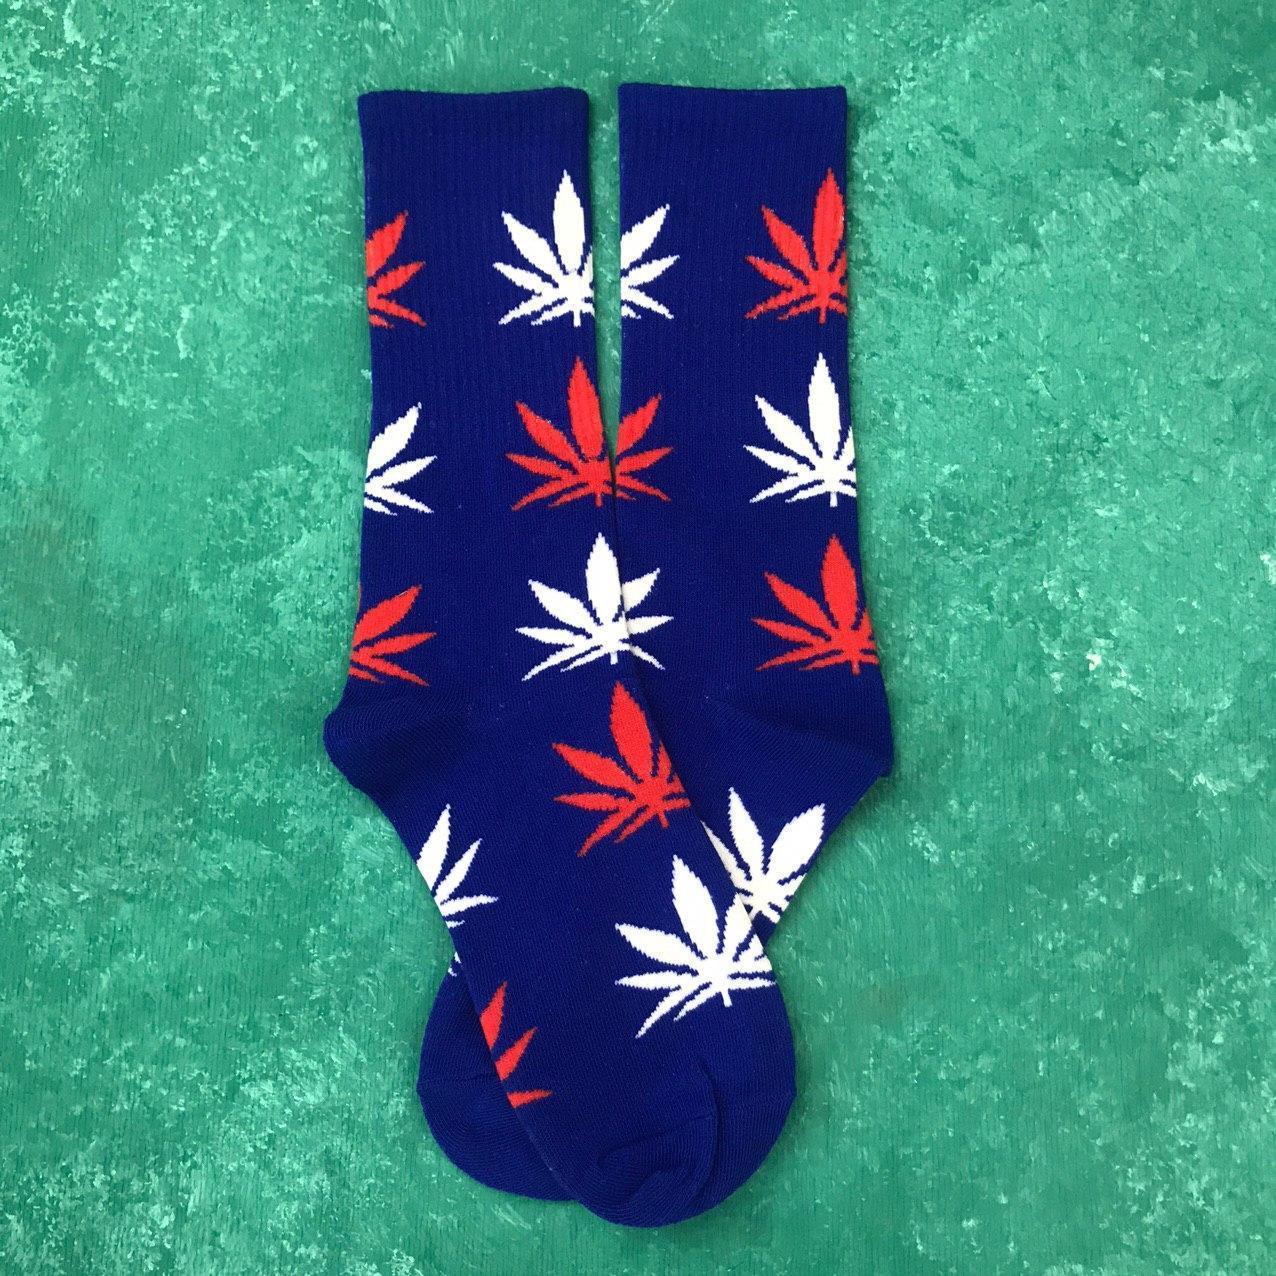 Шкарпетки Високі Жіночі Чоловічі City-A HUF Plantlife Сині з Різнобарвним листям 37-43